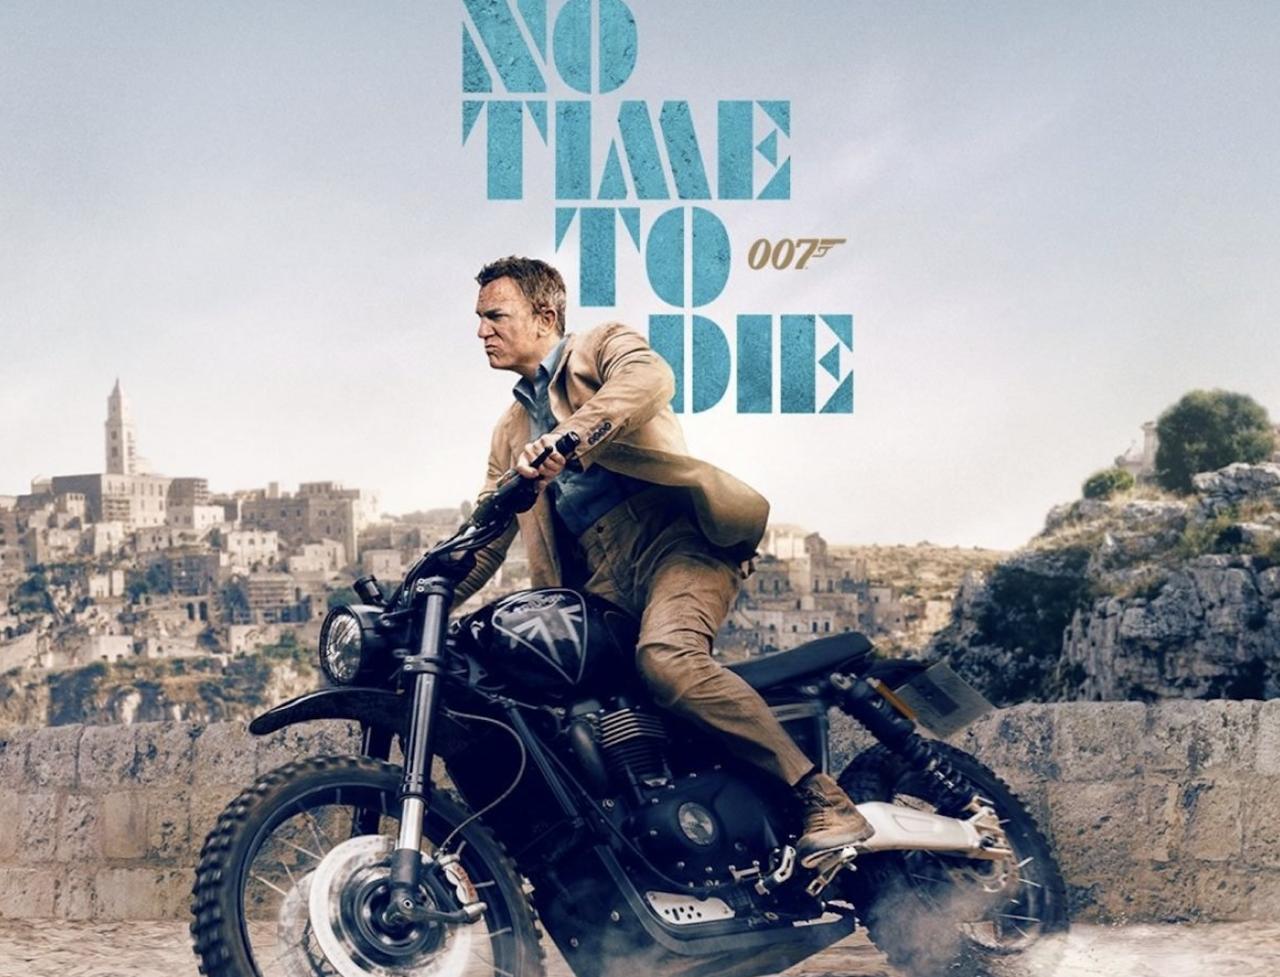 James Bond à moto : des scènes de plus en plus récurrentes